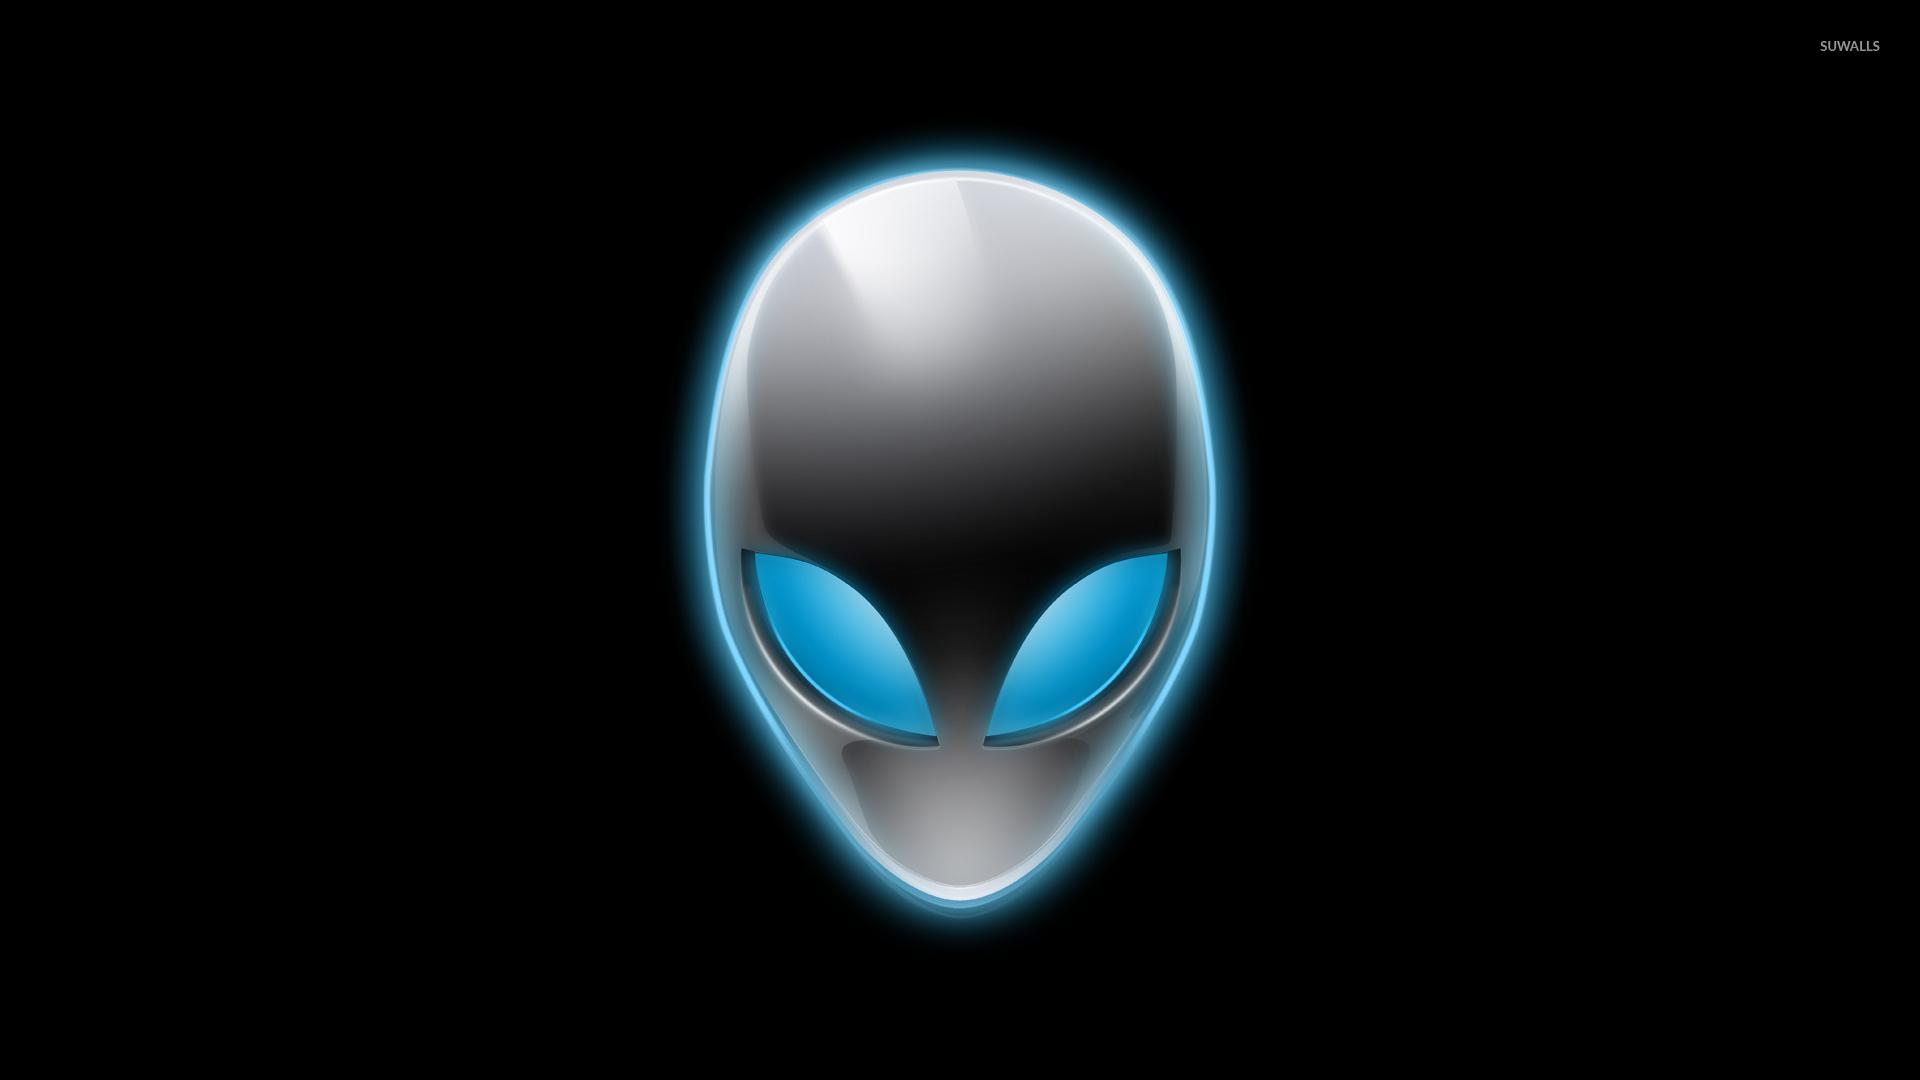 Alienware wallpaper 1920x1080 1920x1080